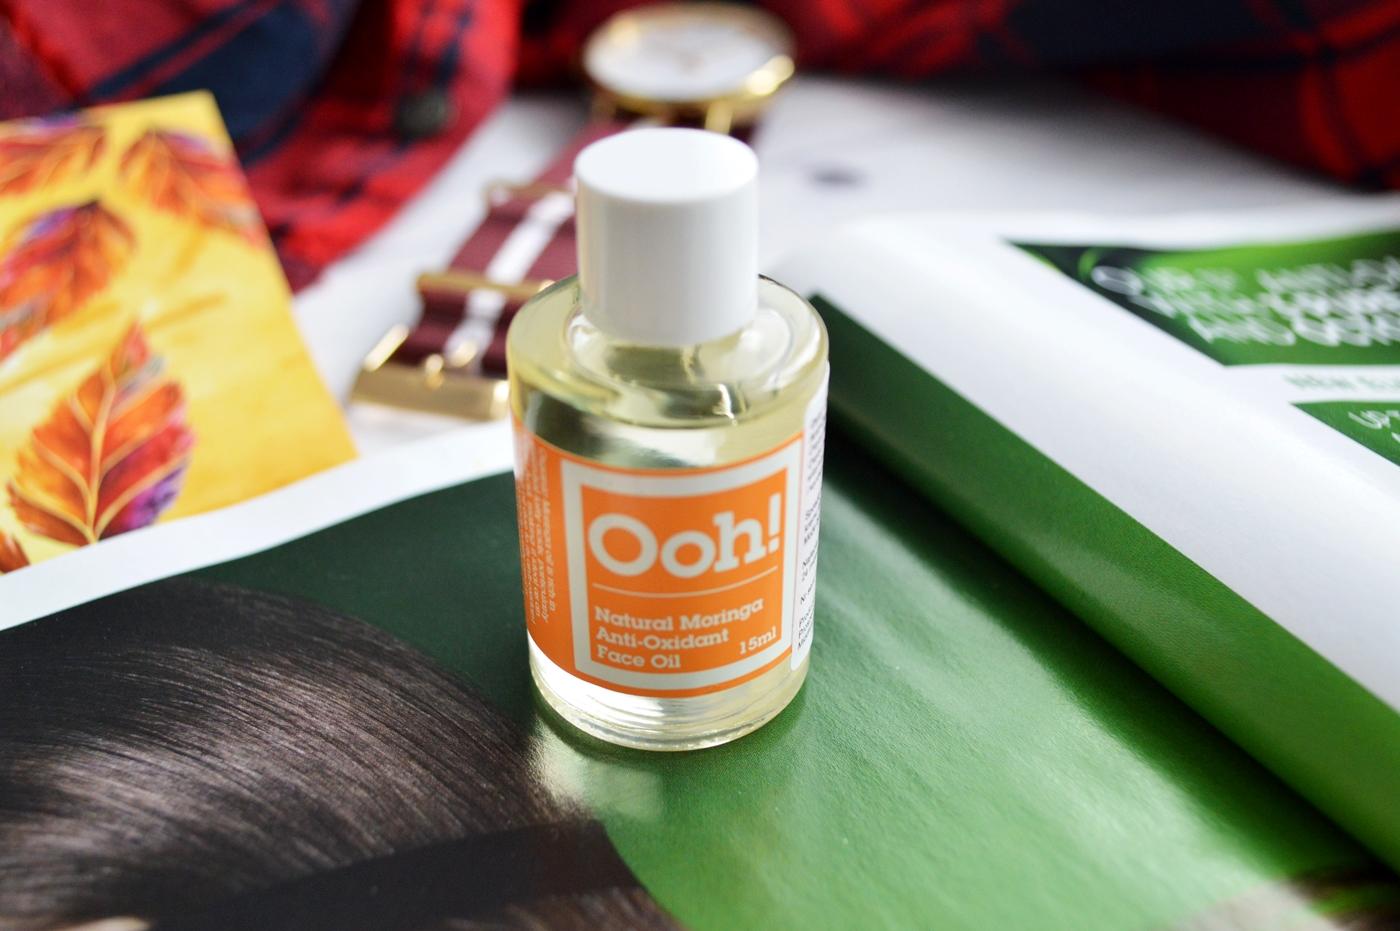 Liferia Oils of Heaven Moringa Face Oil OOH!